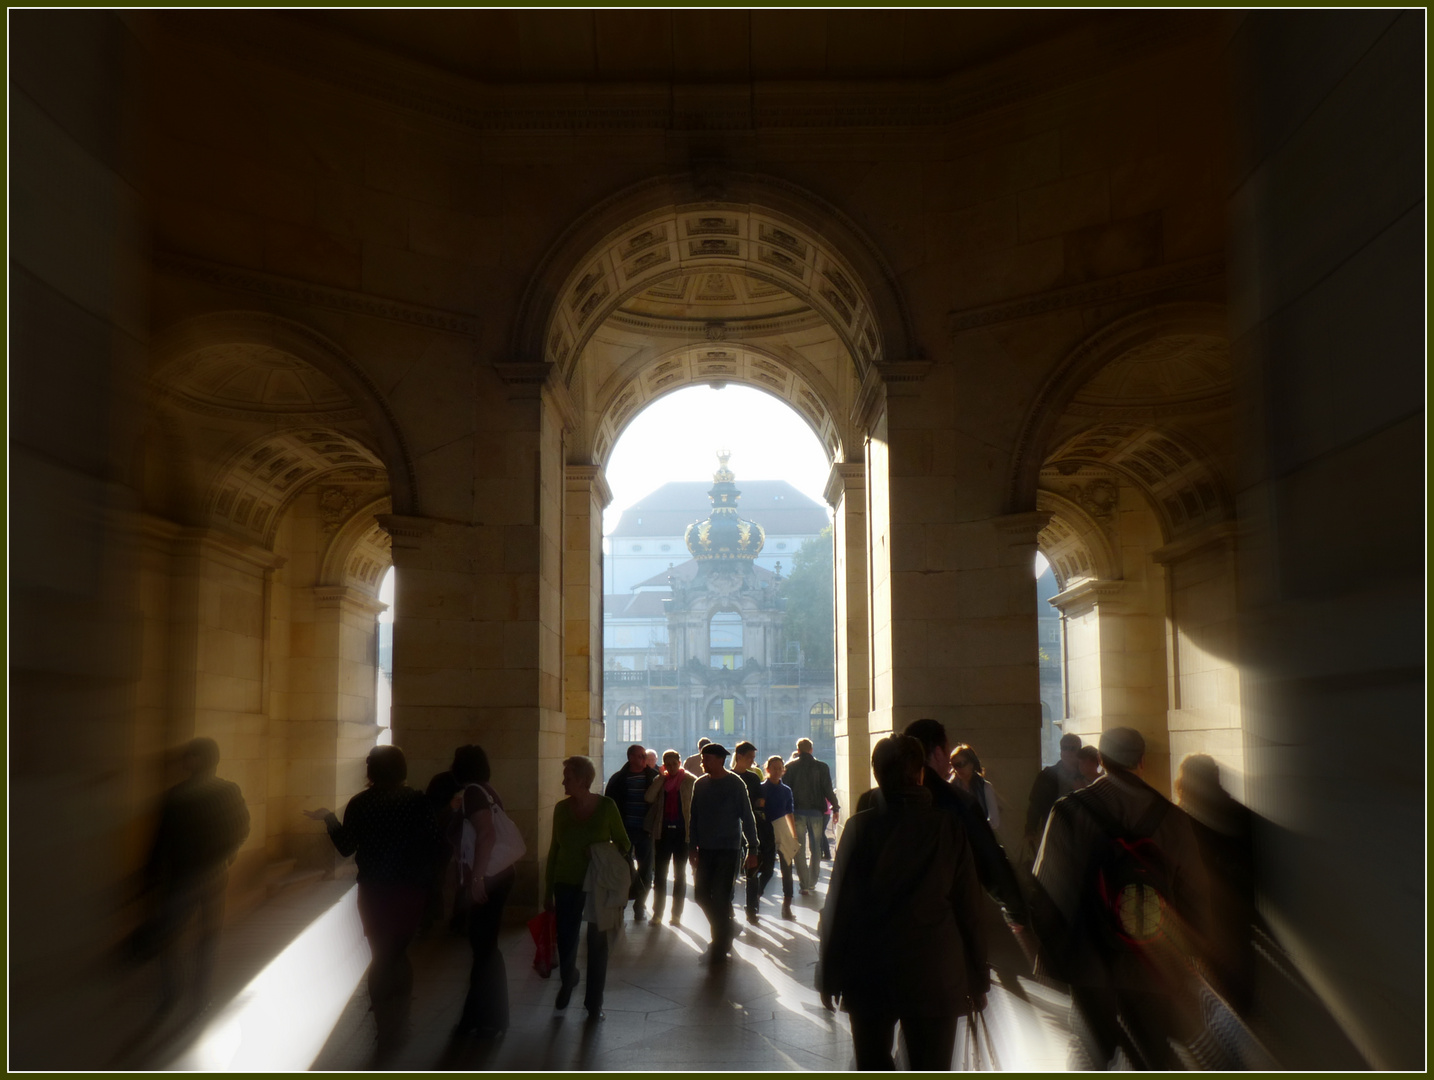 Durchgang zum Zwinger, Dresden